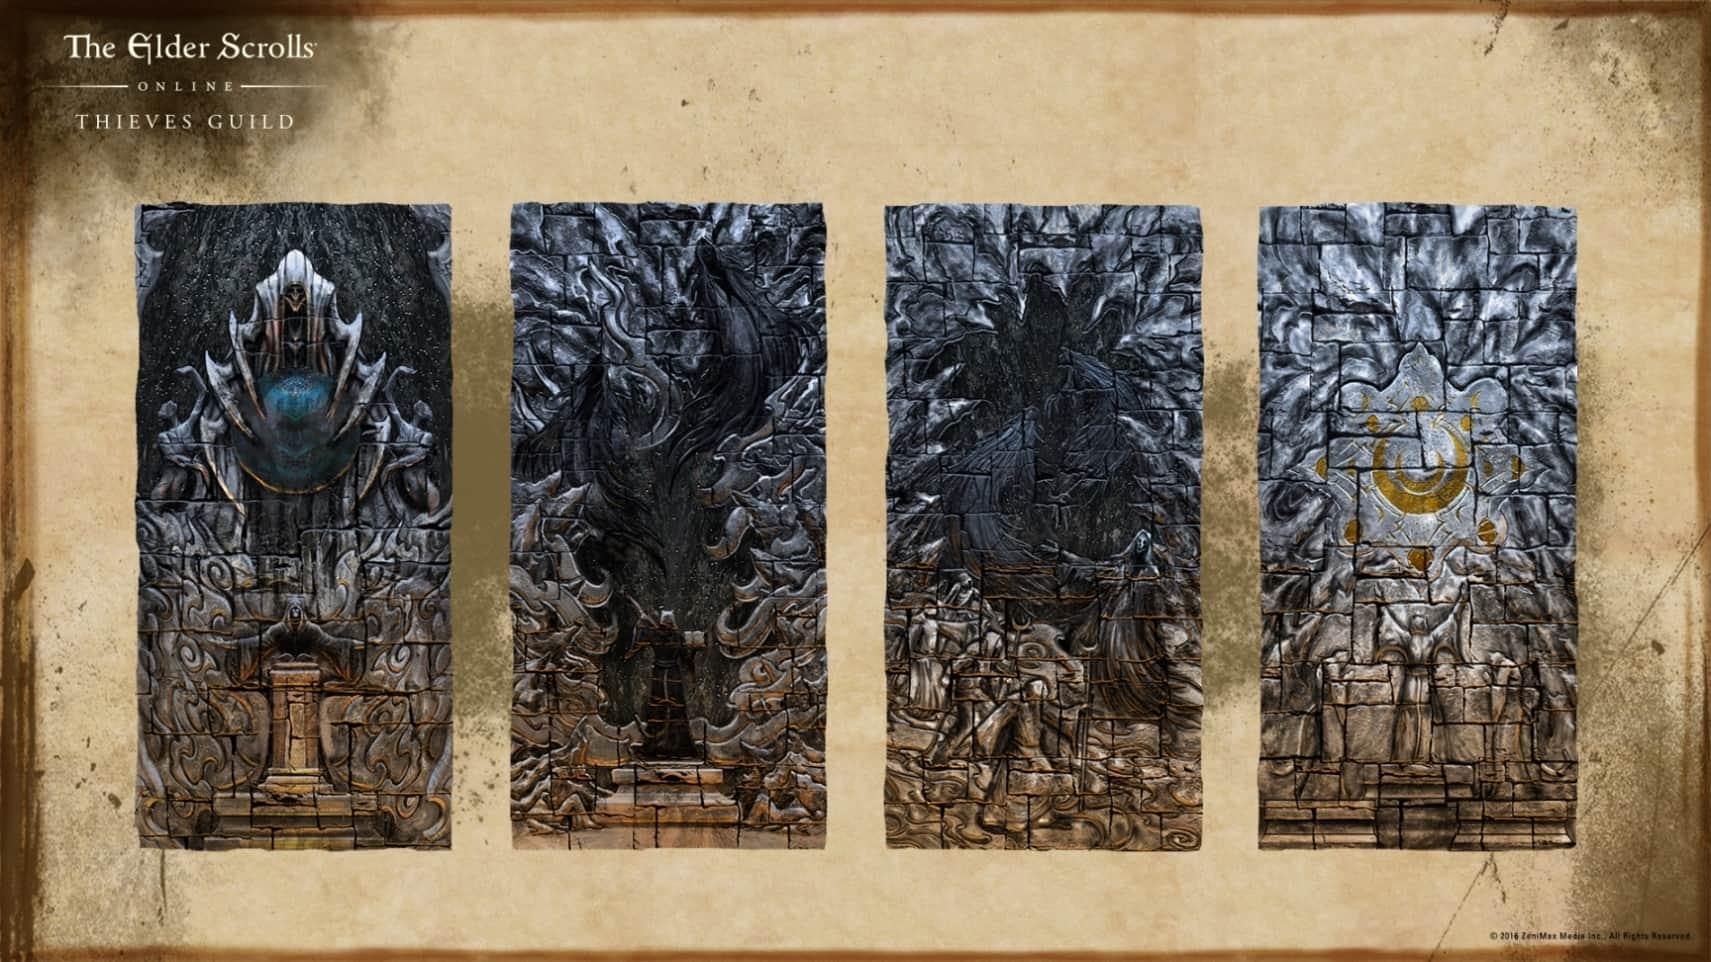 The elder scrolls nued sex gallery